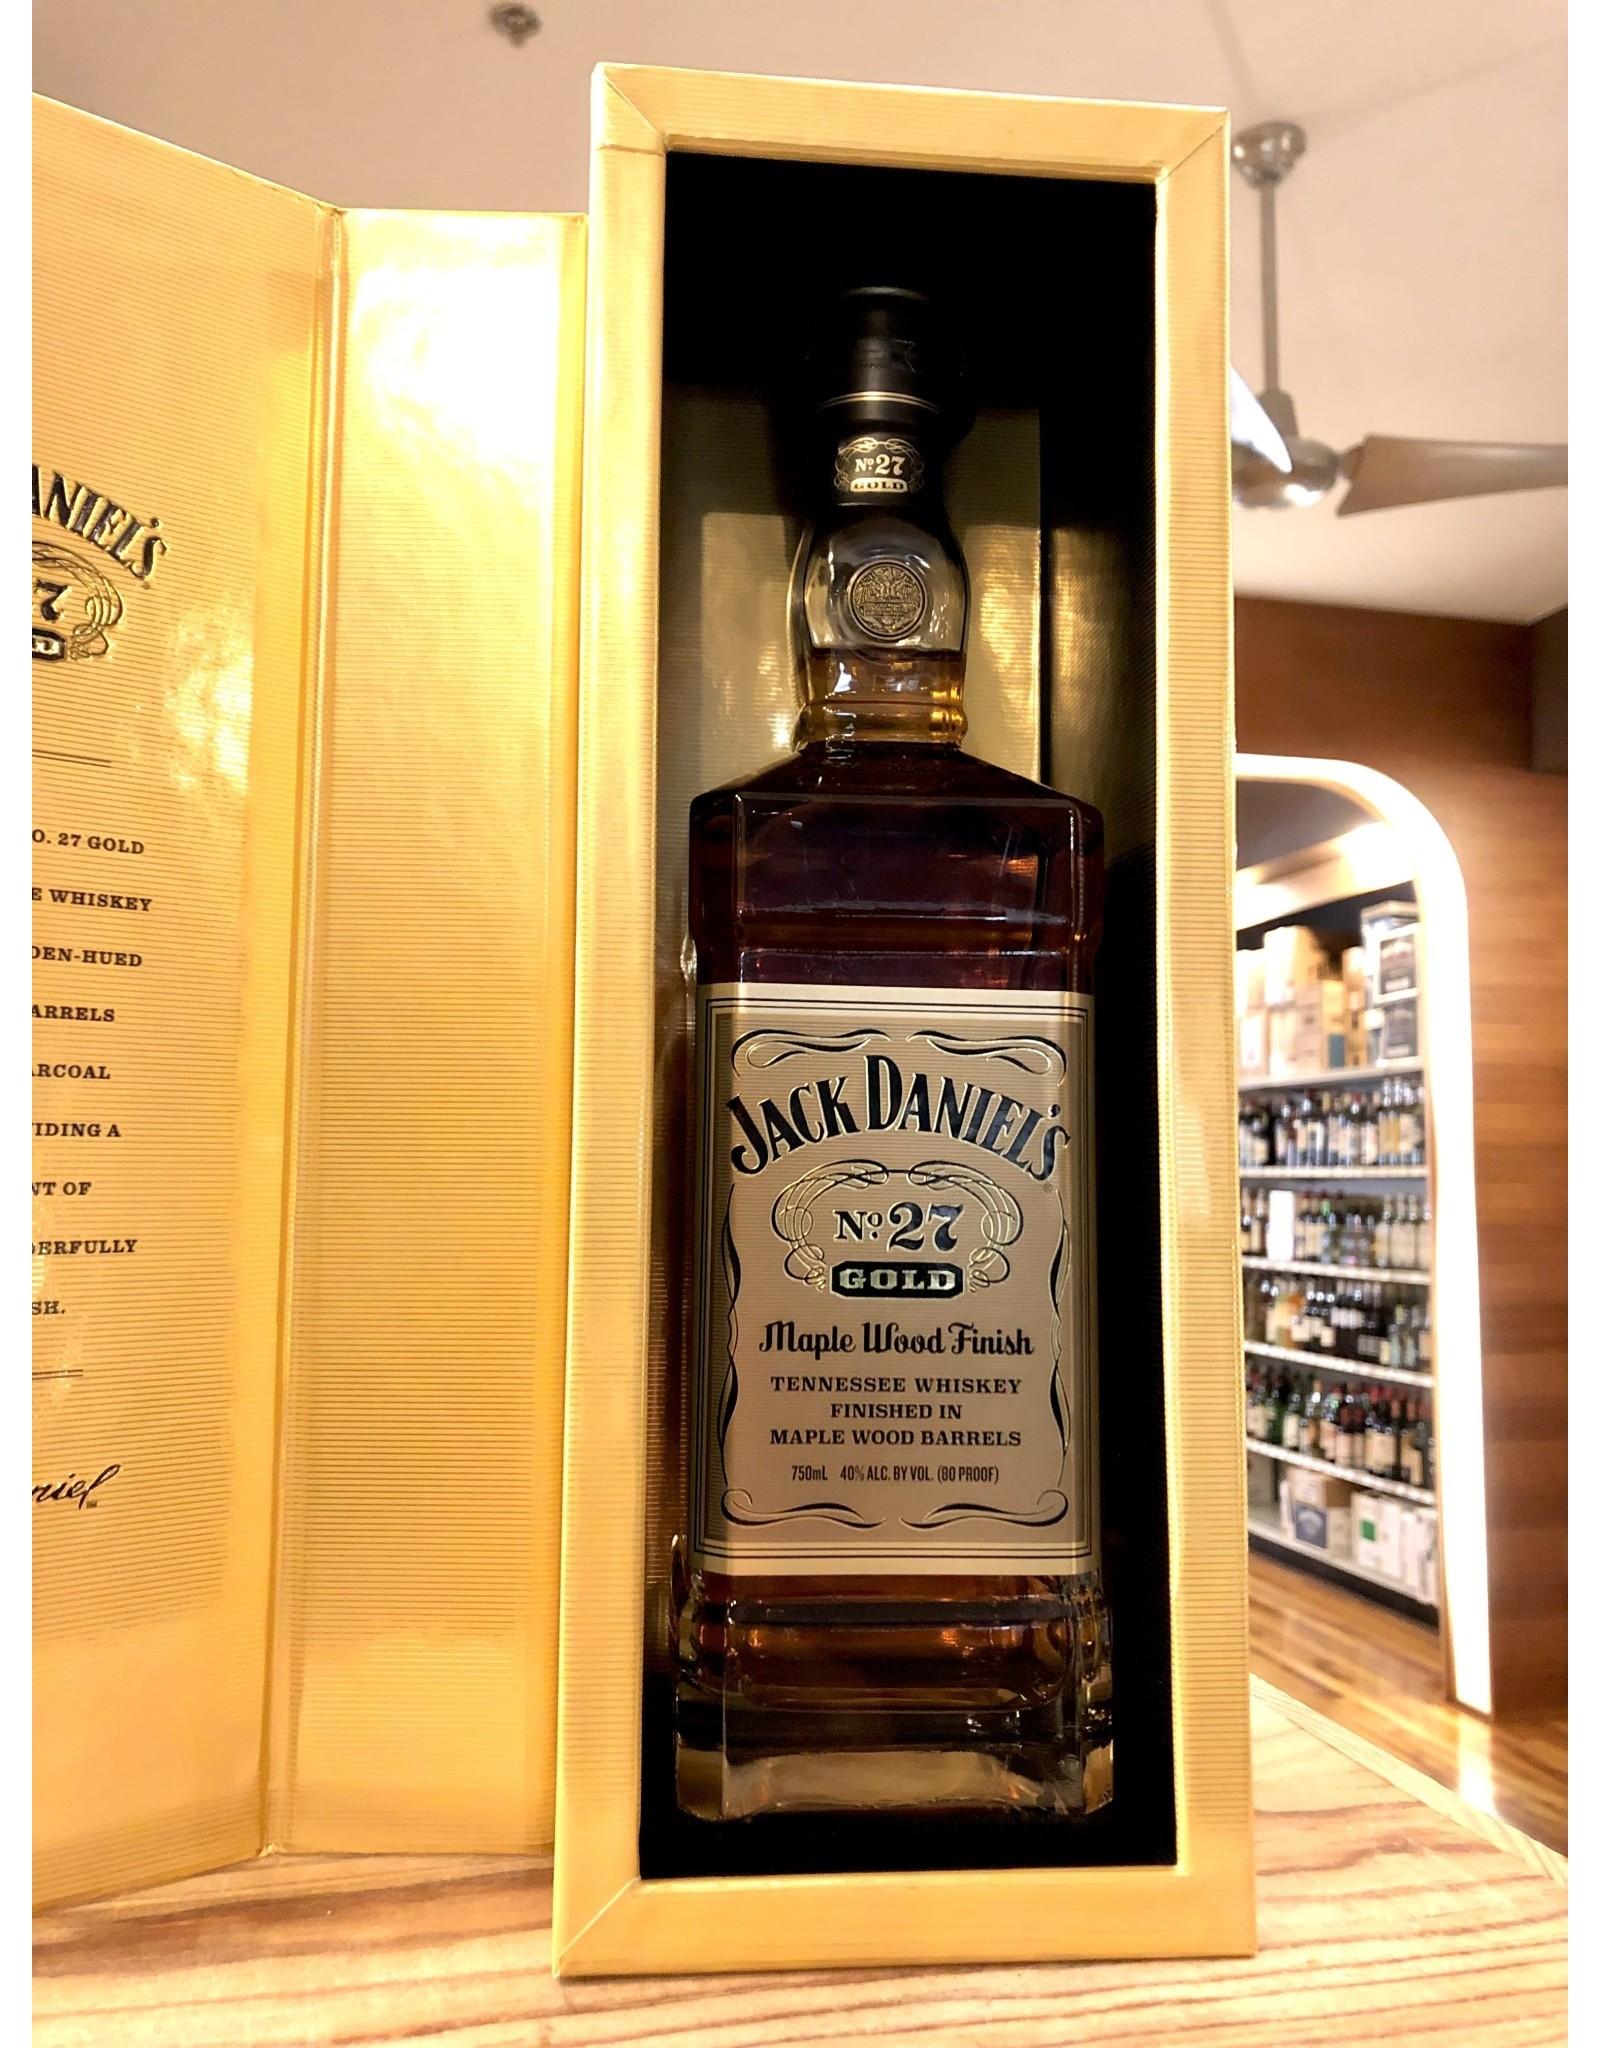 Jack Daniels Gold Maple Wood Finish Whiskey - 750 ML